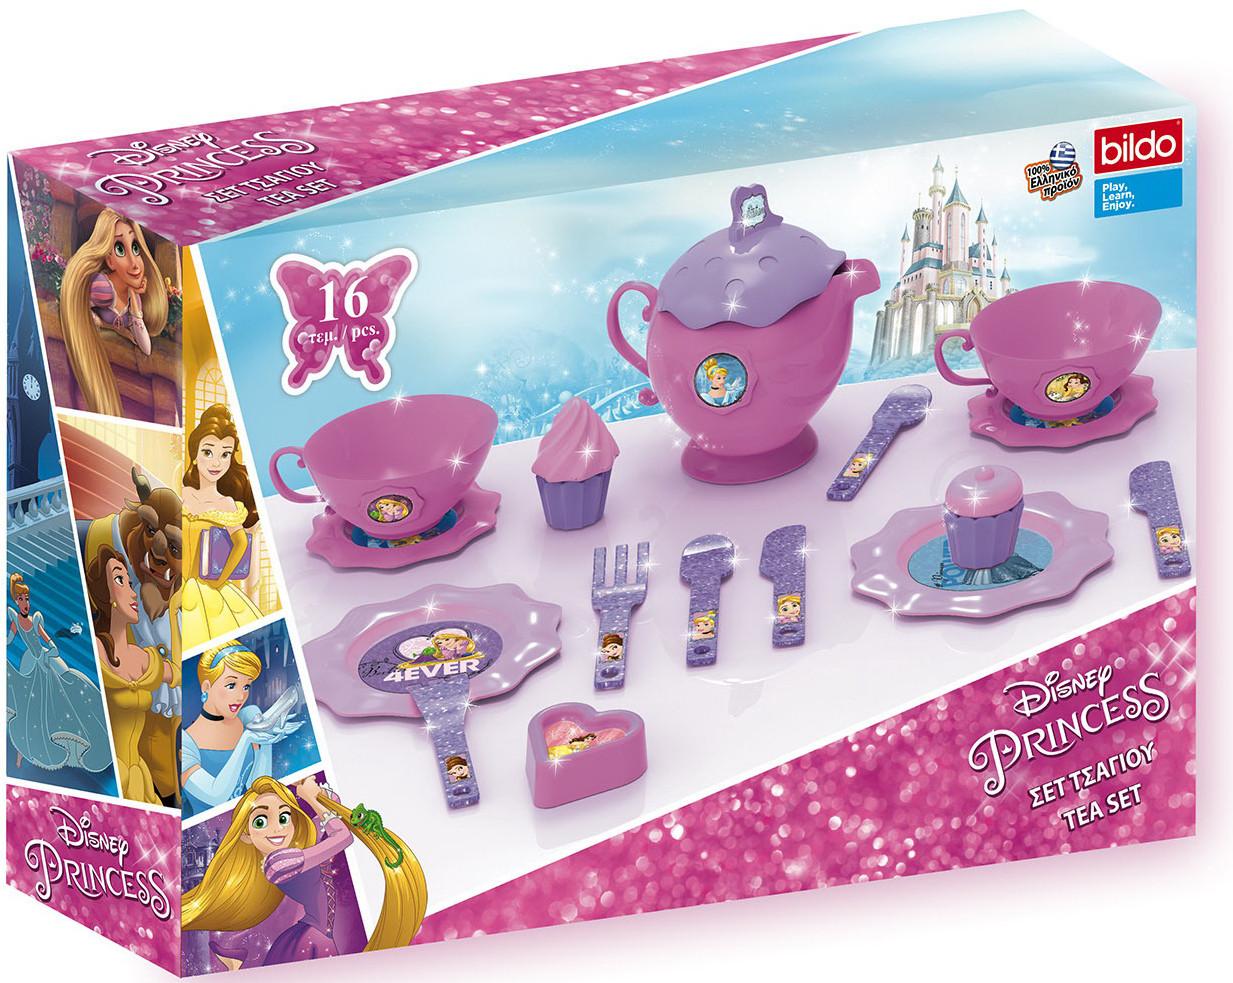 Посуда и наборы продуктов Bildo Игровой набор посуды для чая «Принцесса» игрушечная посуда faro большой набор посуды